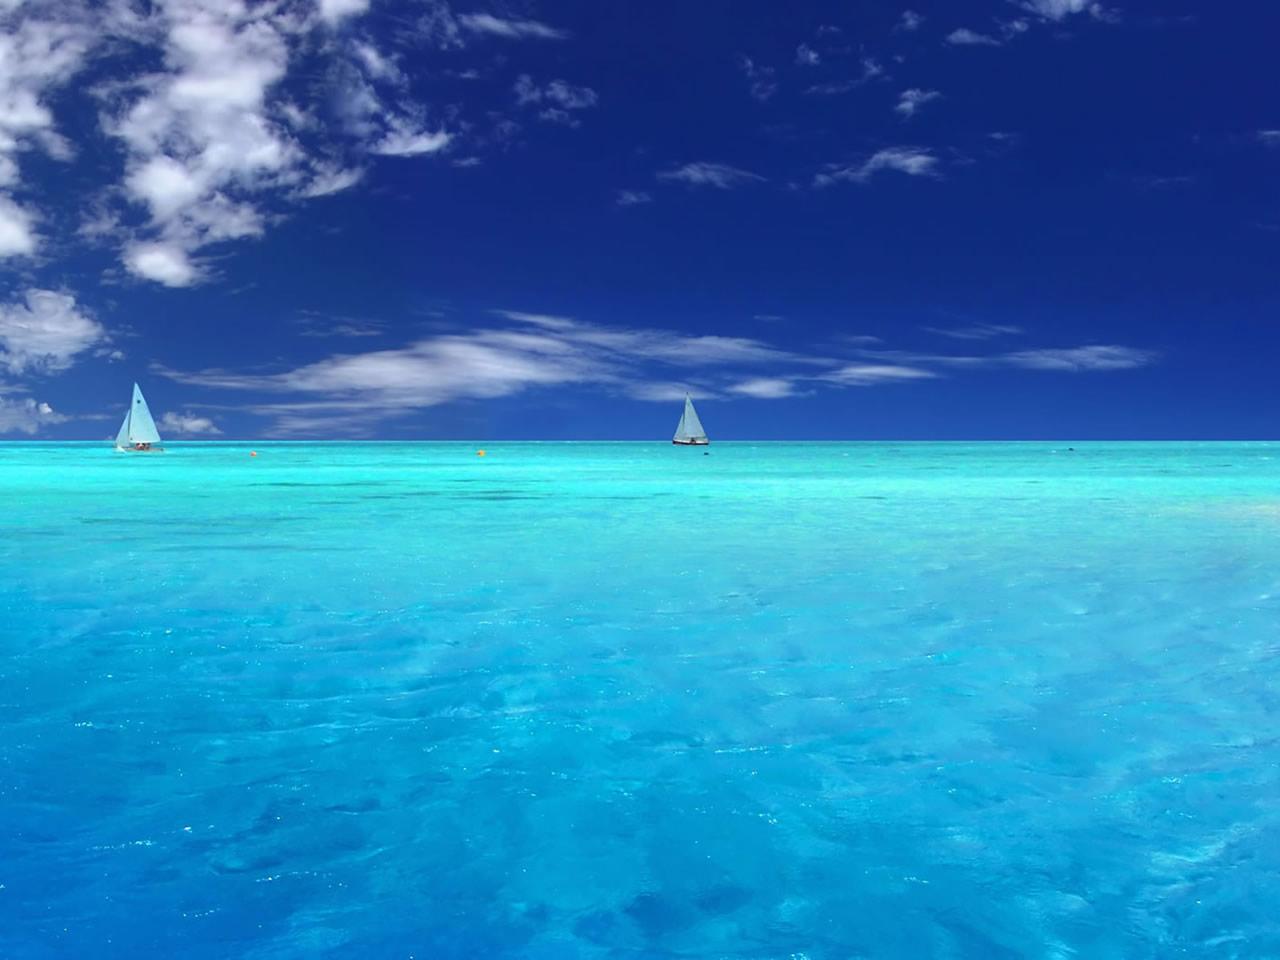 море горизонт, скачать фото, обои для рабочего стола